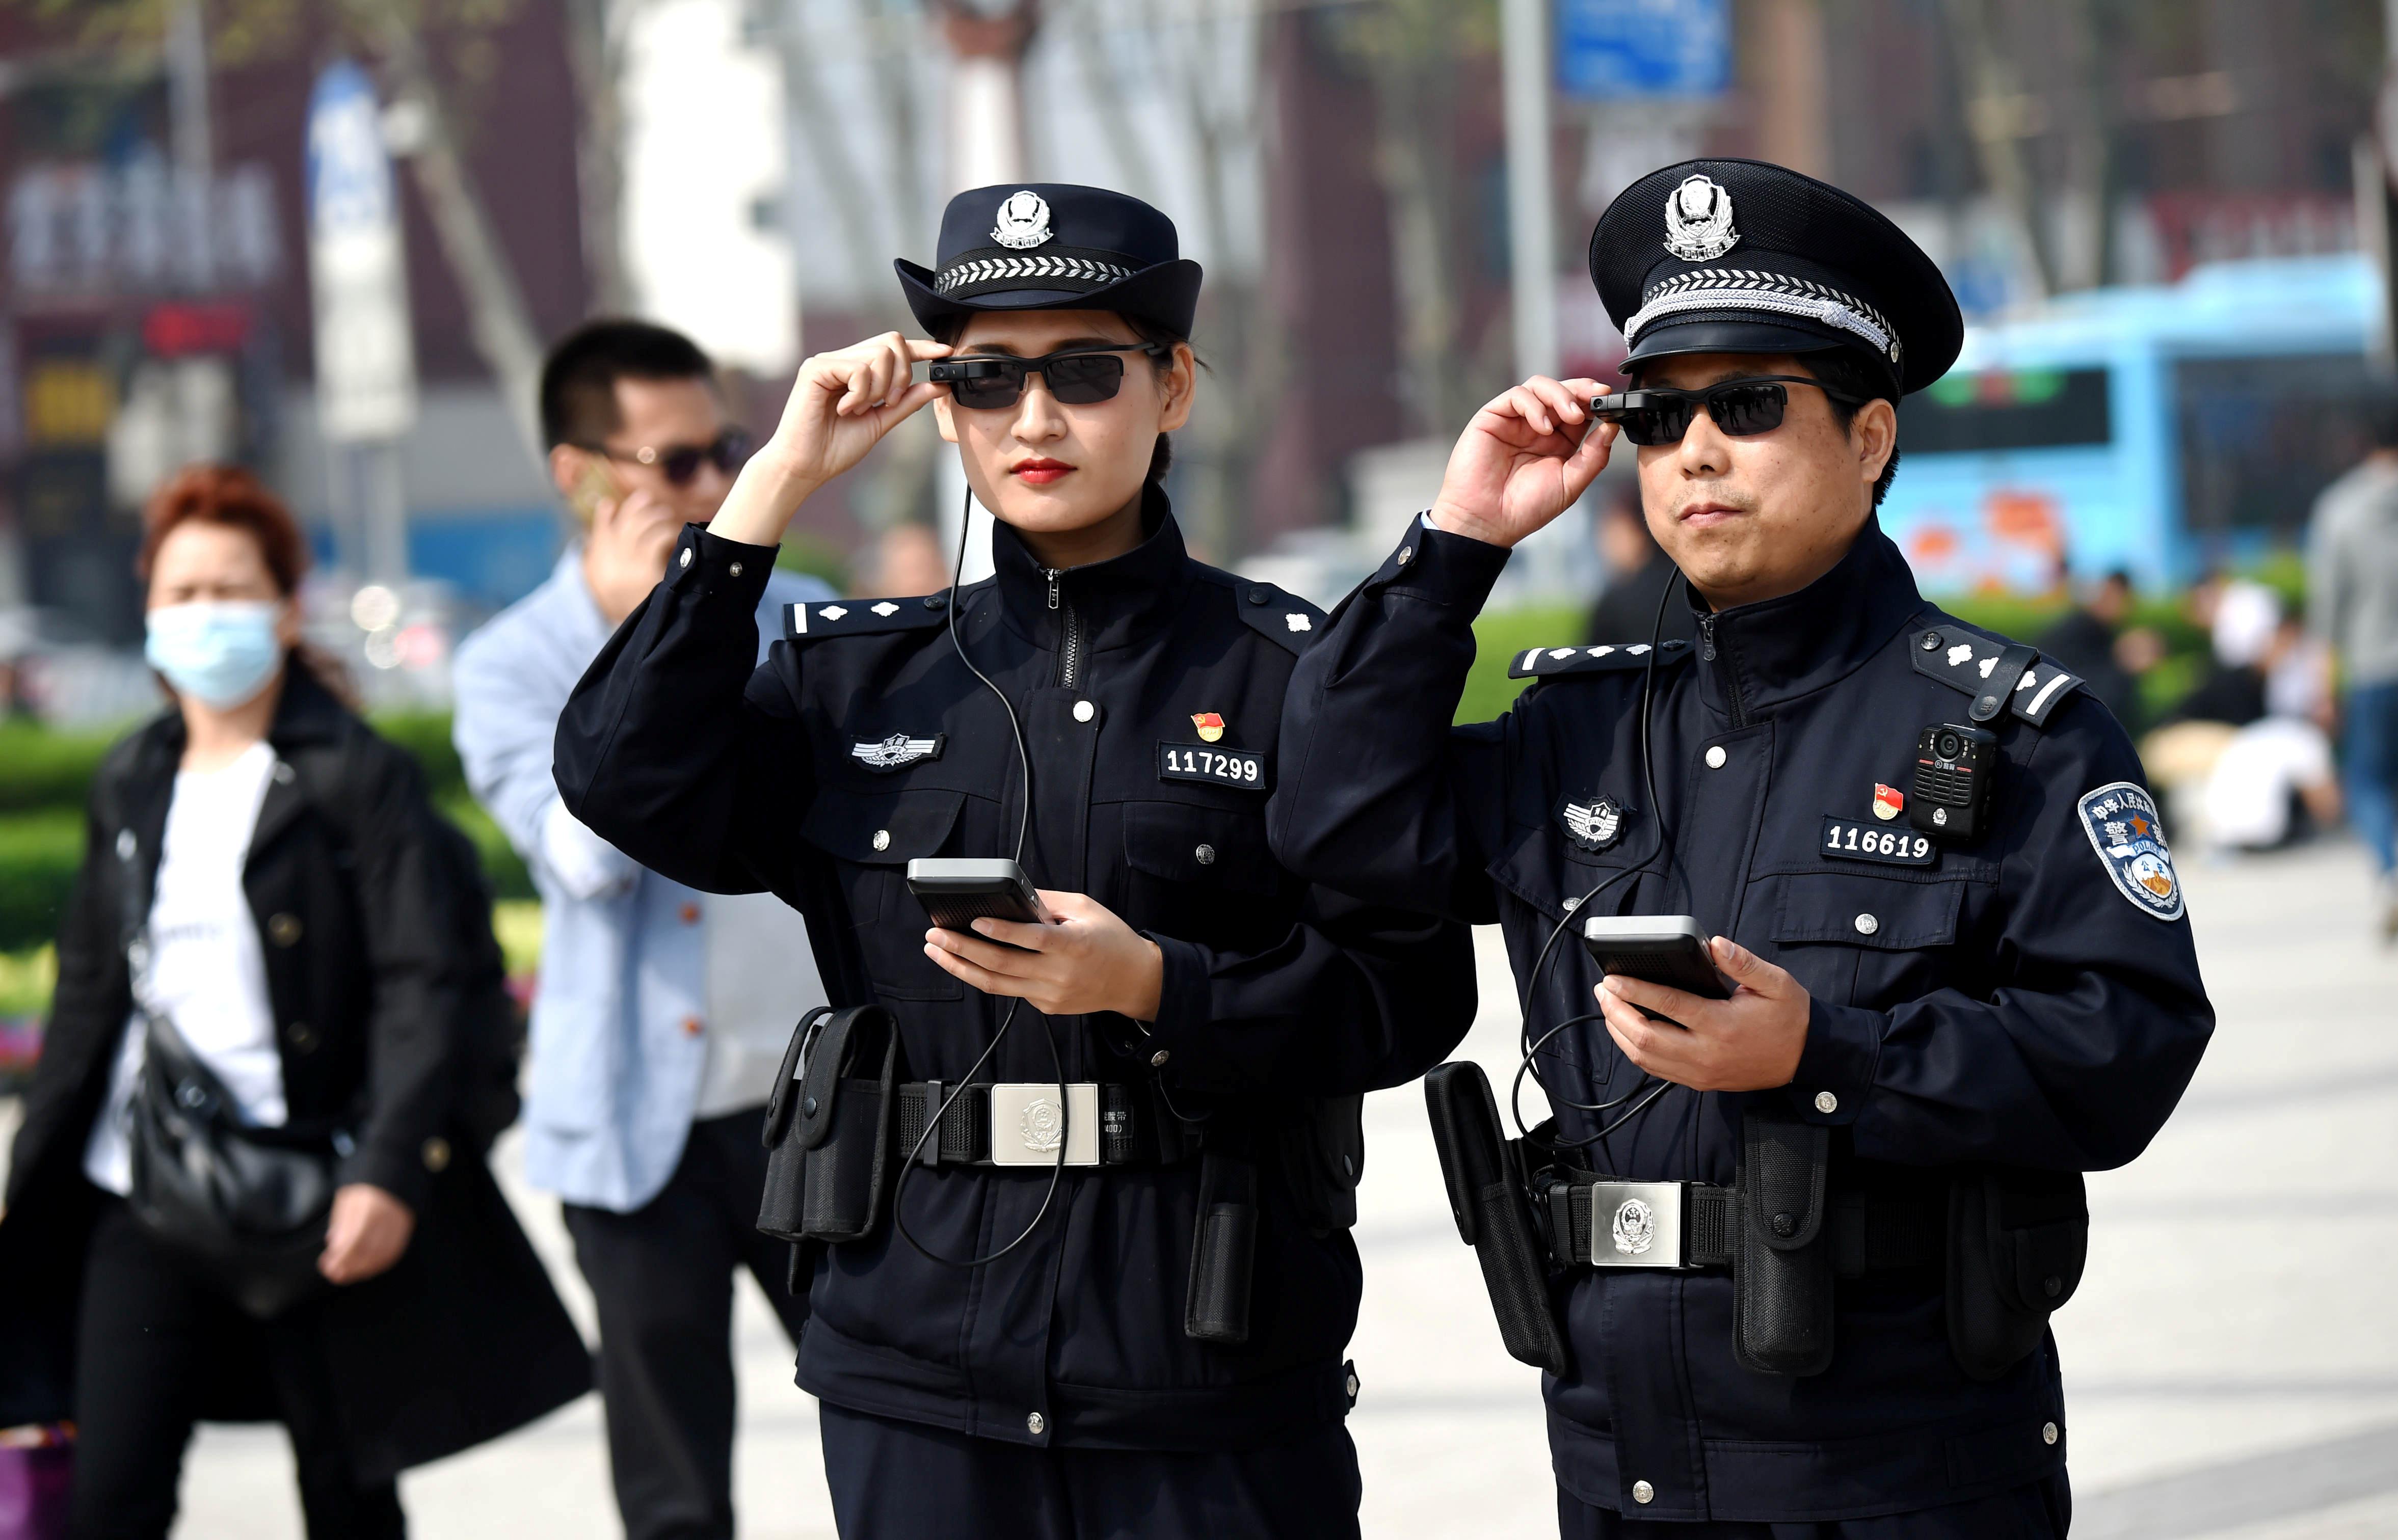 Luoyangi linna politseinikud skannivad kodanikke tehisintellektiga varustatud prillidega. Foto: China Stringer Network / Reuters / Scanpix